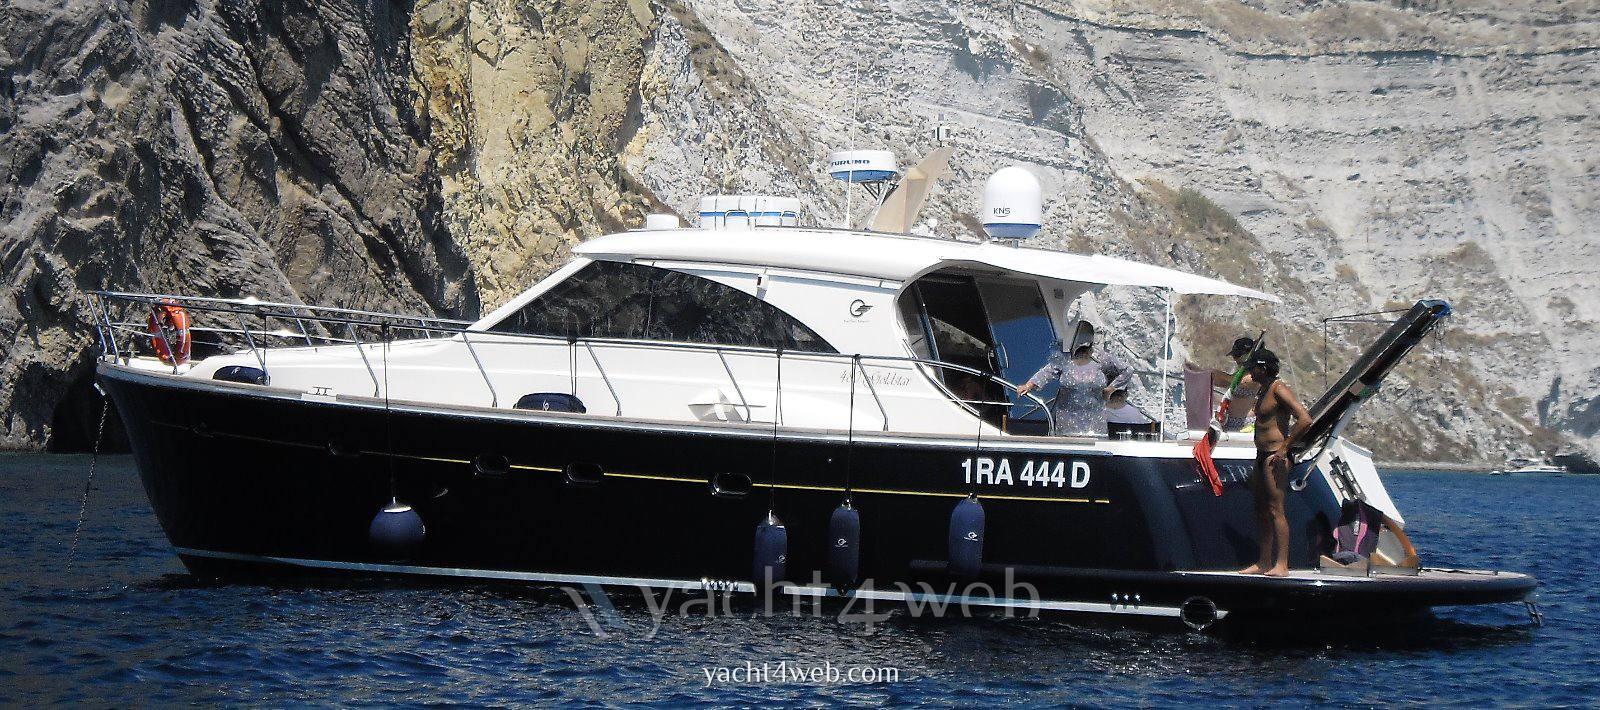 CANTIERE DEGLI ESTENSI Goldstar 480 Barca a motore usata in vendita